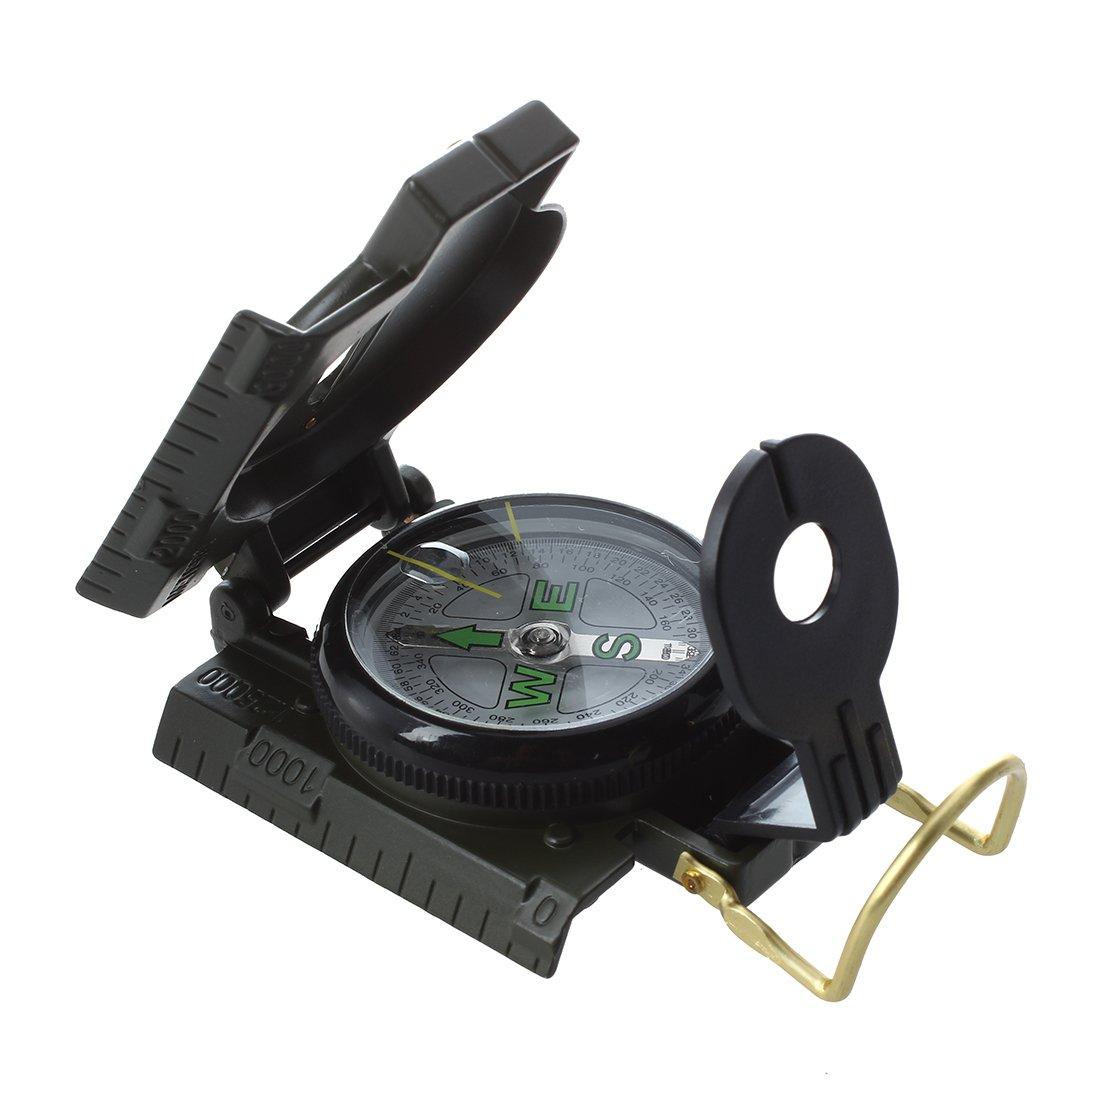 Bestlymood Brujula con Magnifier del Uso Militar Verde Ejercito: Amazon.es: Deportes y aire libre